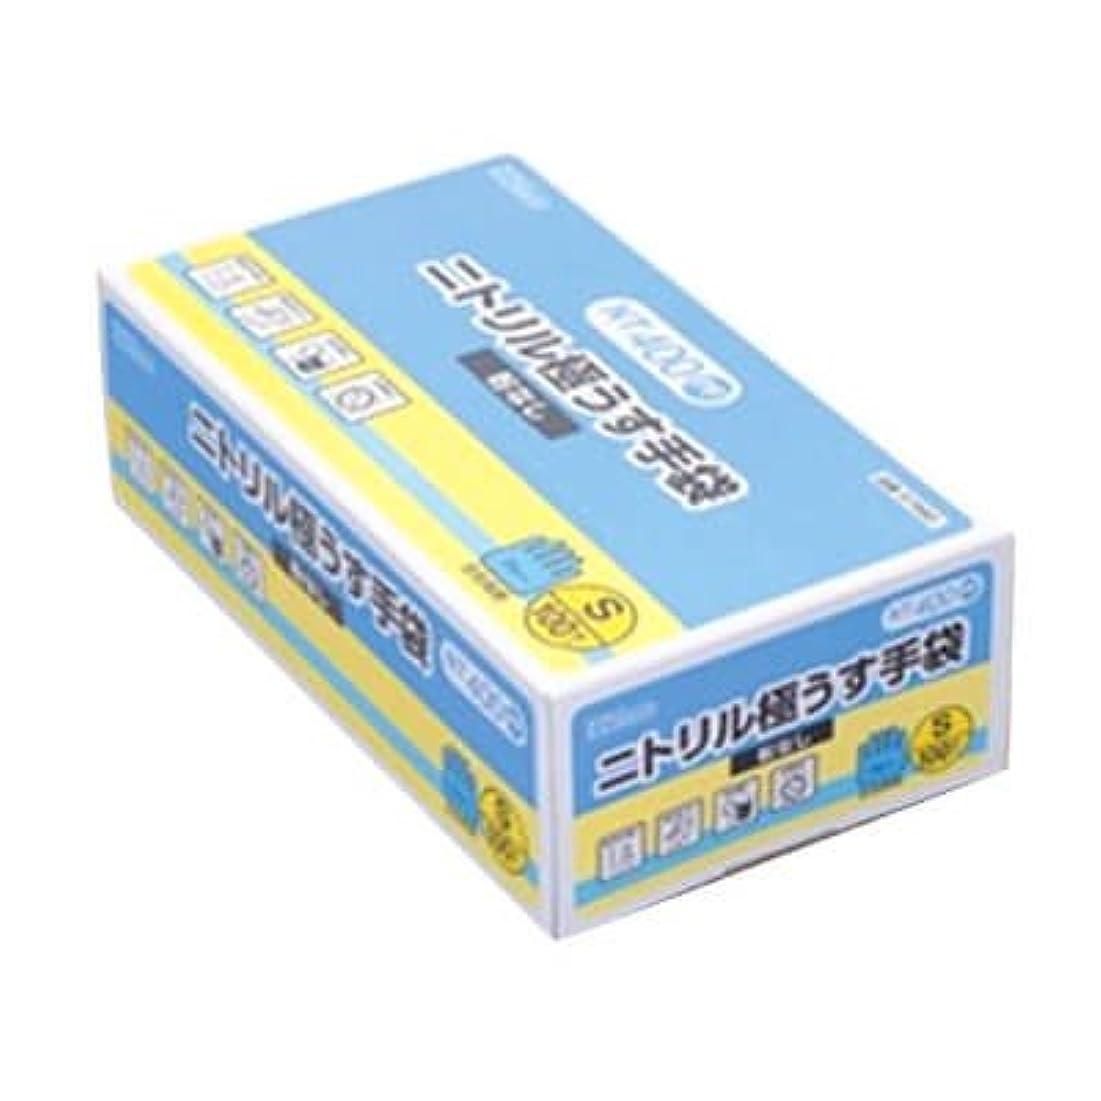 軽蔑する接続難破船【ケース販売】 ダンロップ ニトリル極うす手袋 粉無 S ブルー NT-400 (100枚入×20箱)